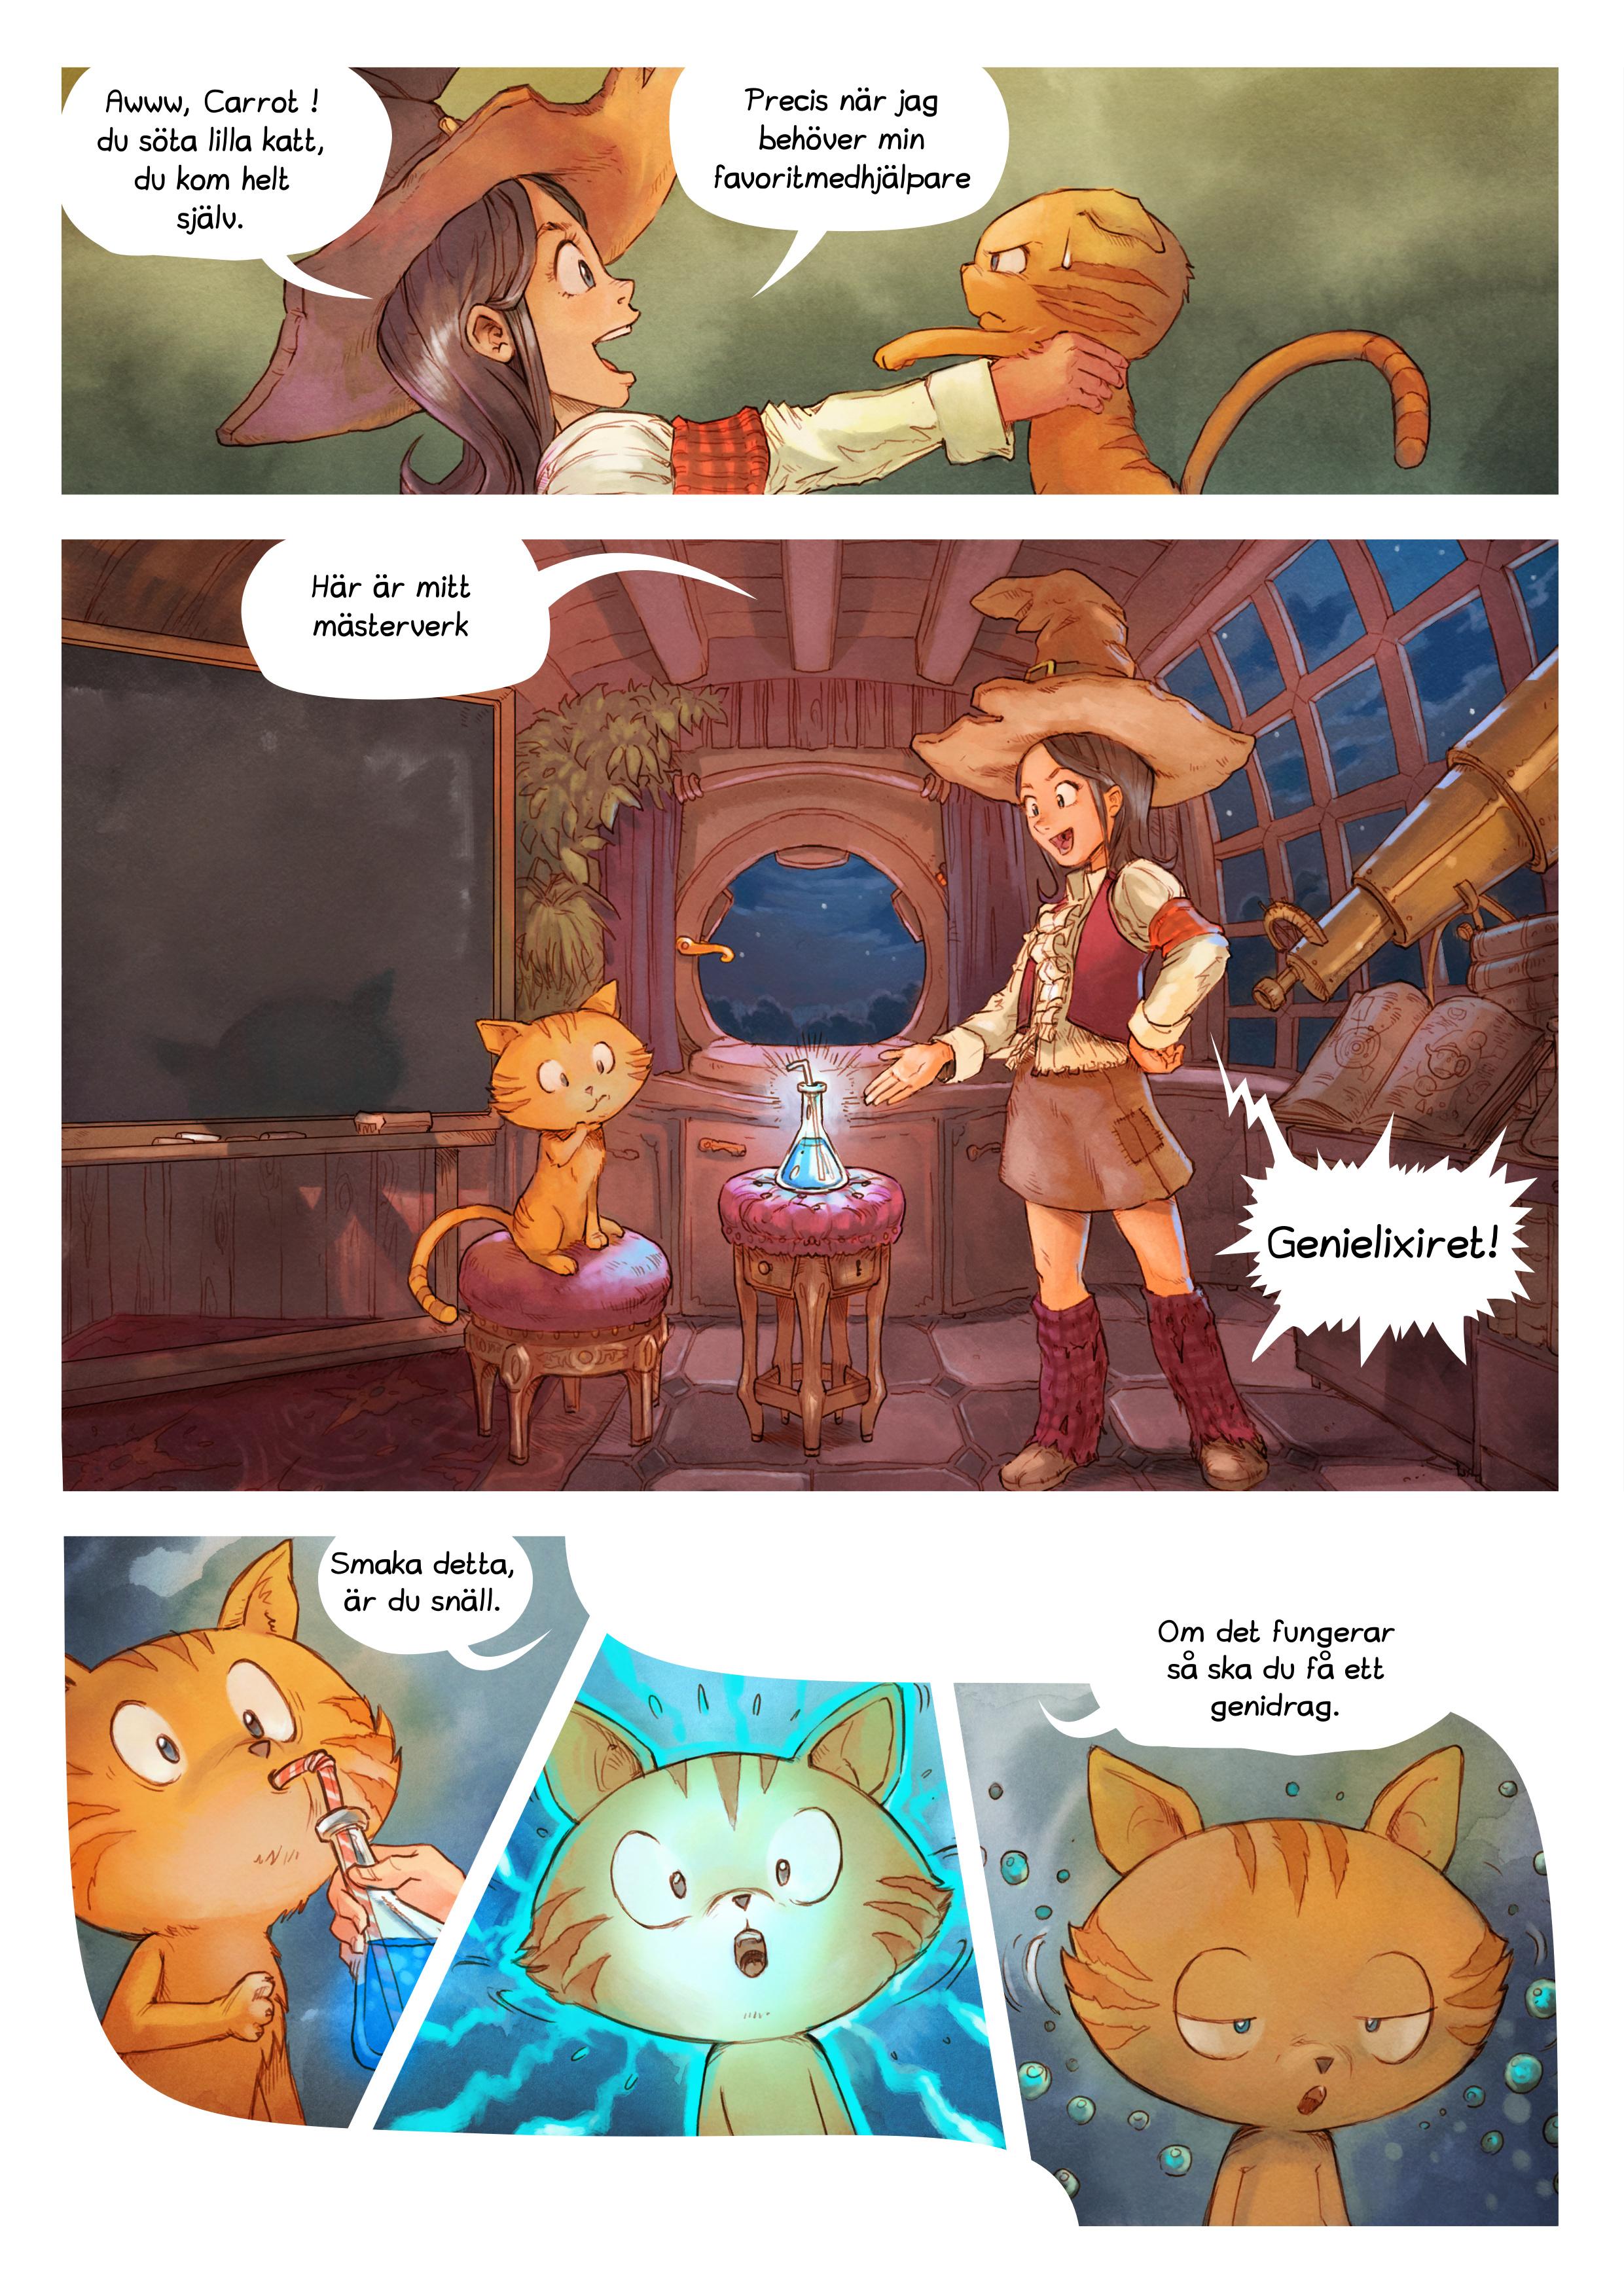 Episode 4: Genidraget, Page 3